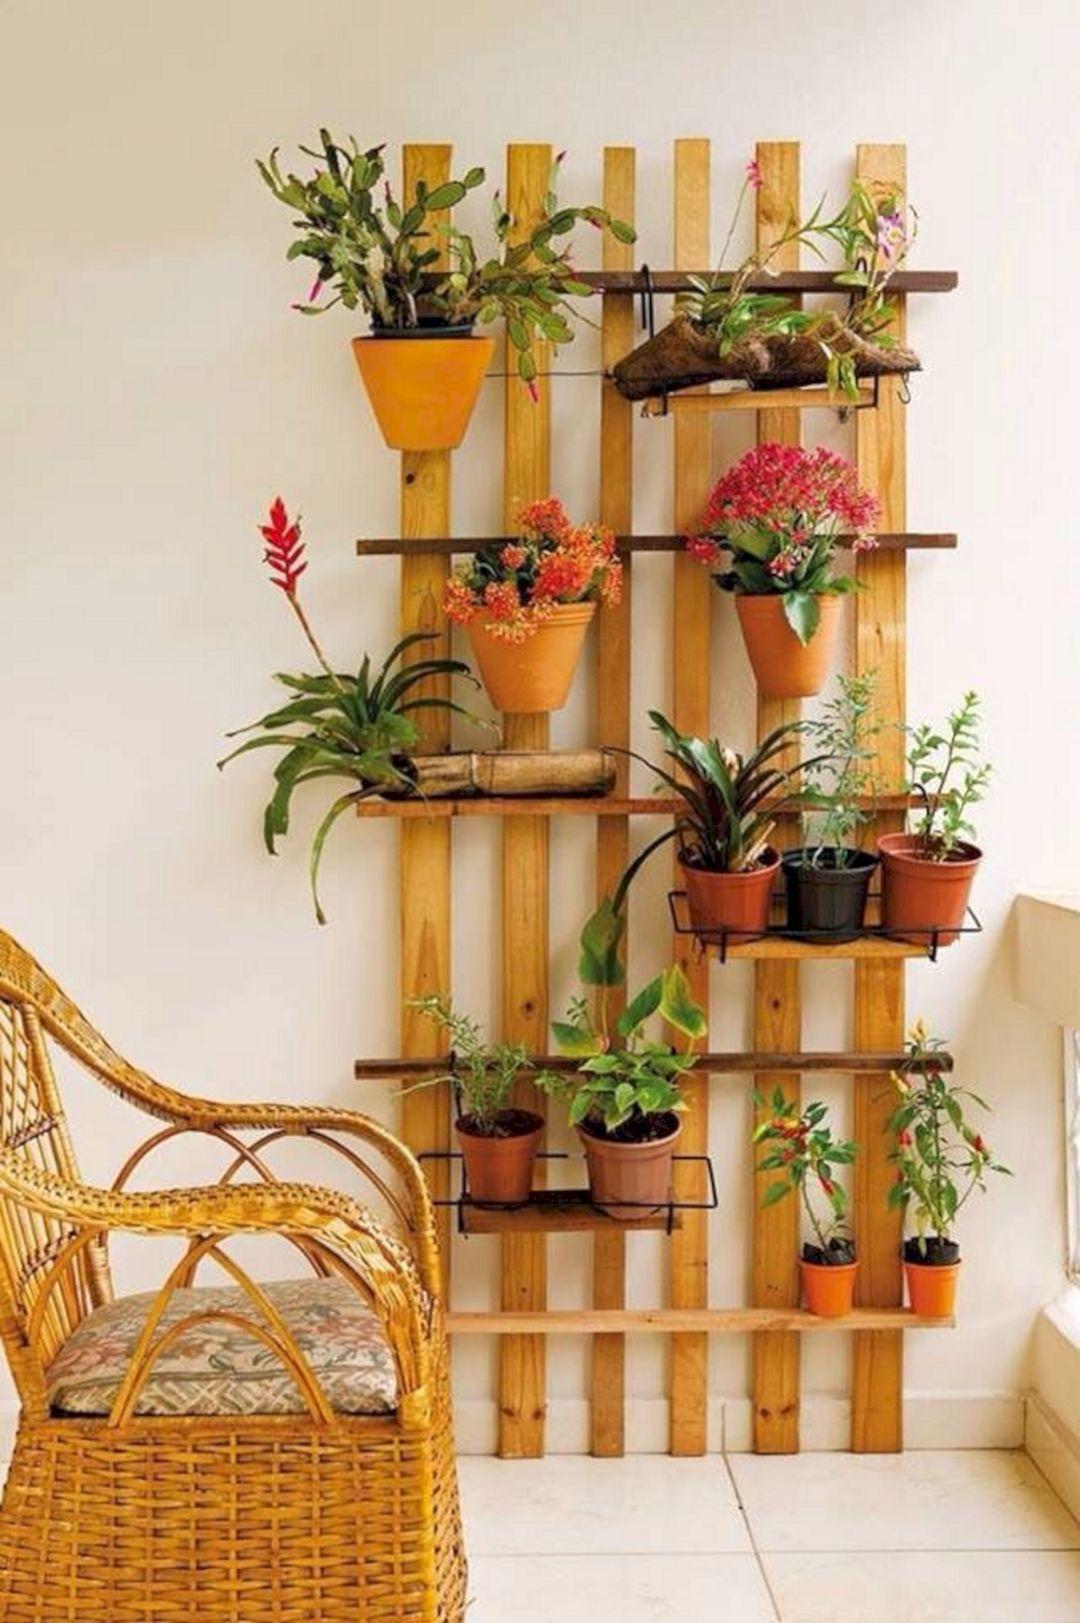 Best Simple Indoor Garden